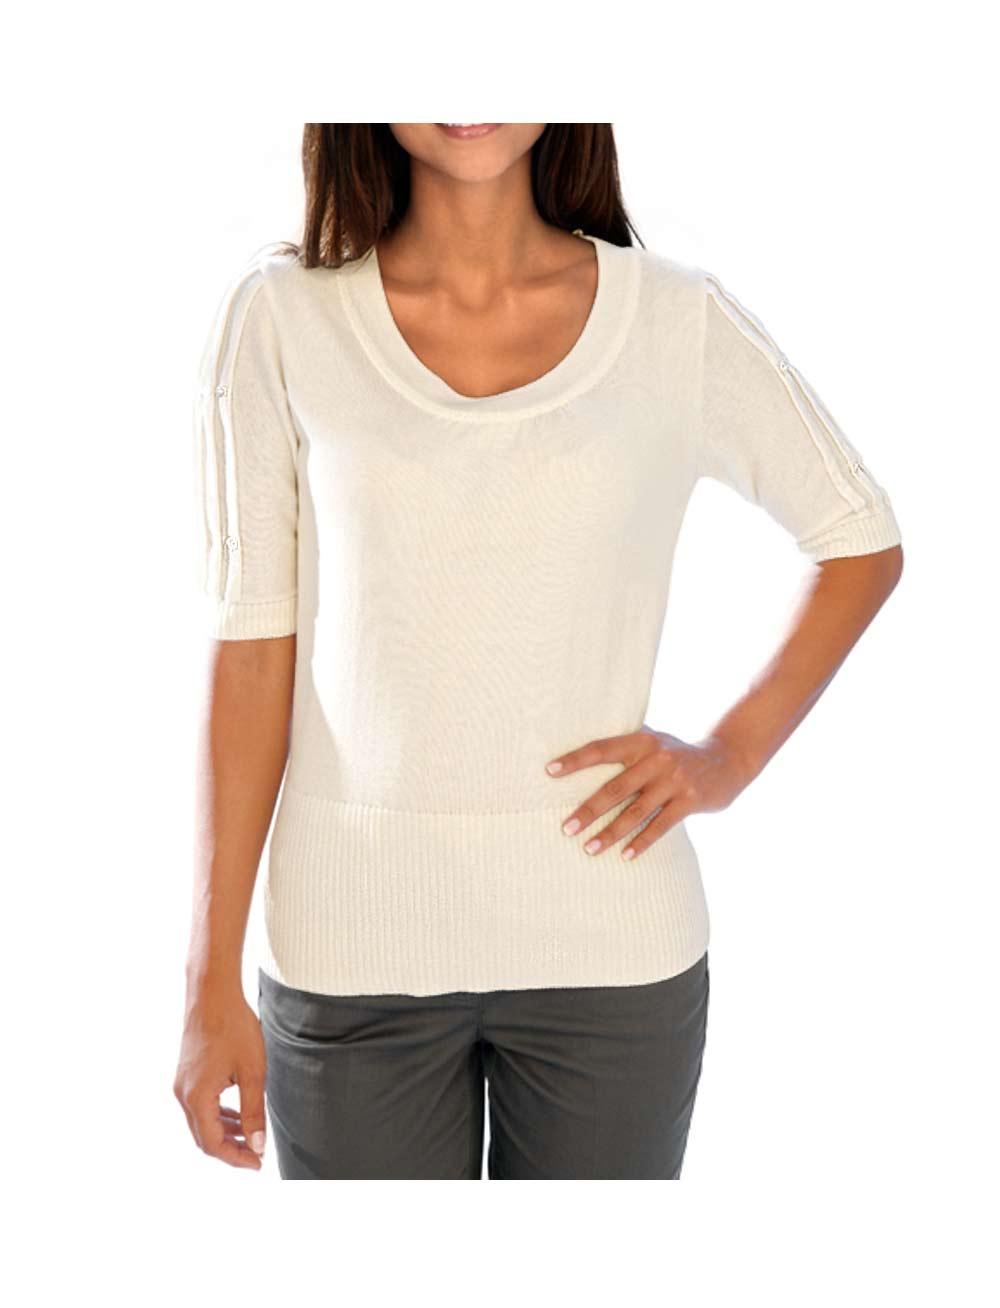 060.160 ASHLEY BROOKE Damen Designer-Pullover Wollweiß Halbarm Pullover weiß creme